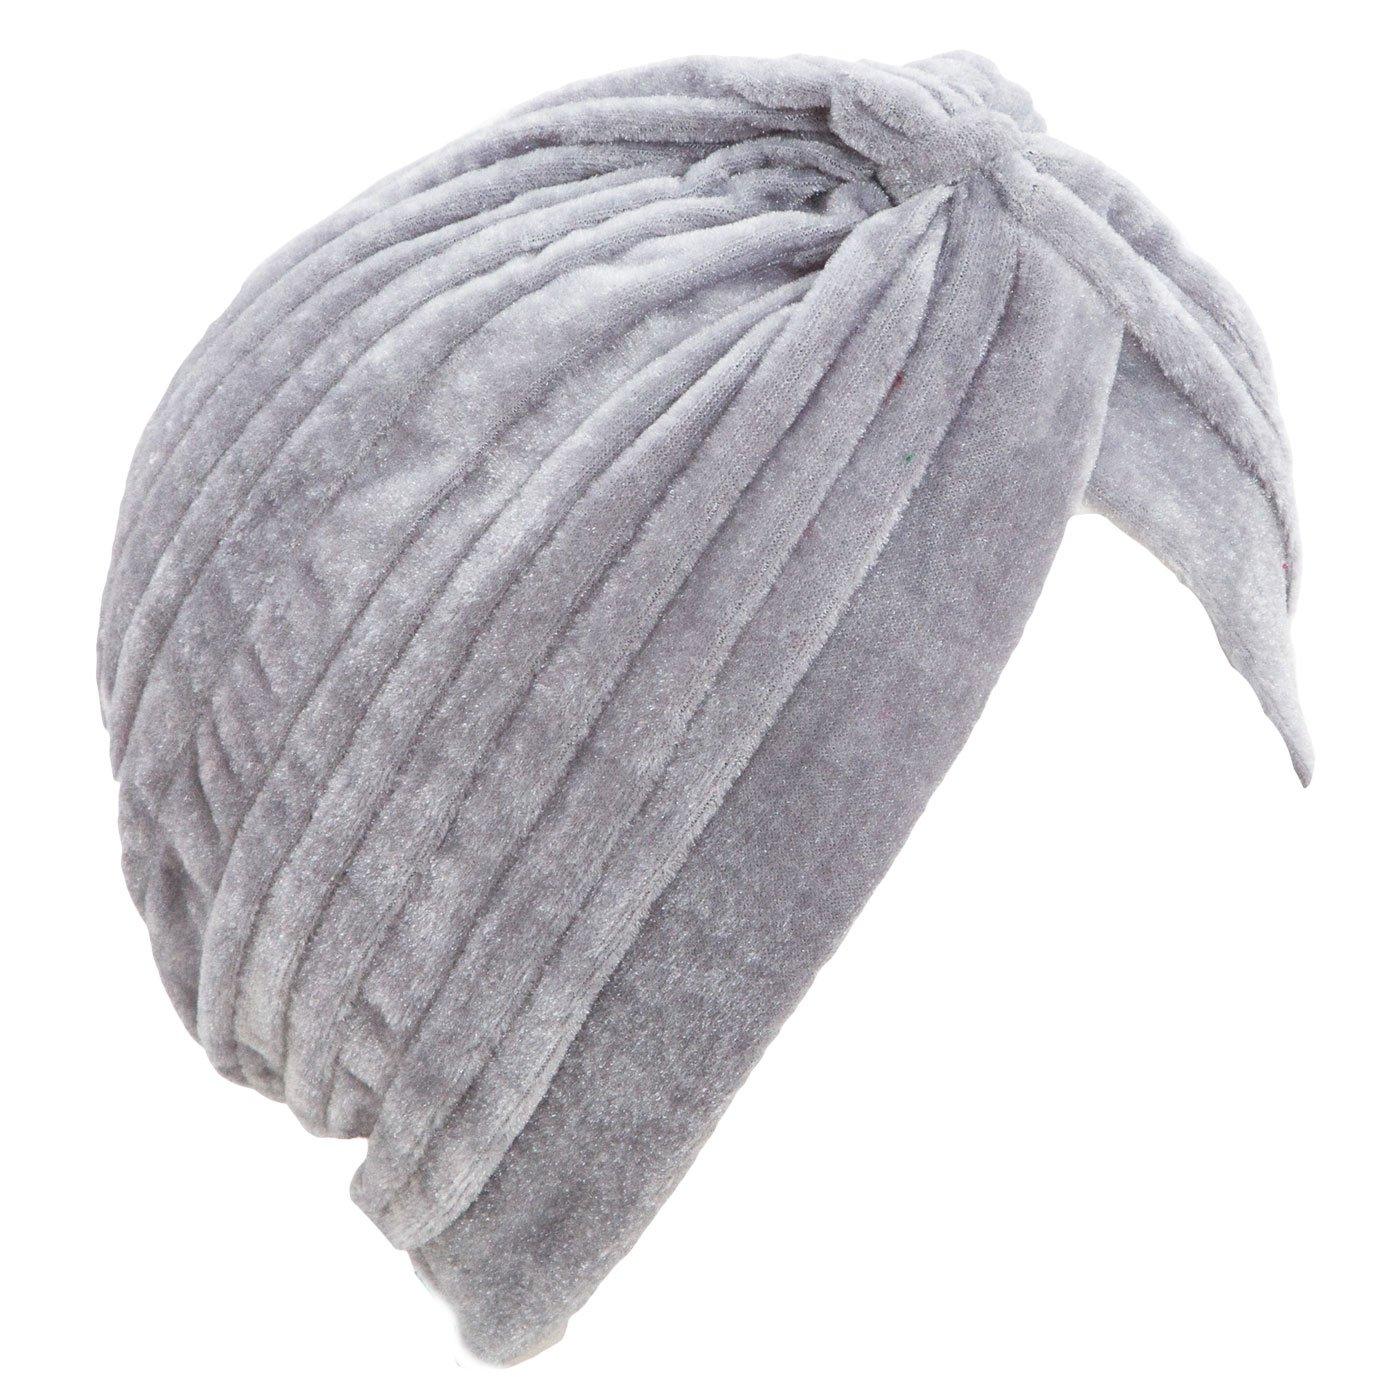 Turbante Donna Cuffia Retro Fascia ciniglia Cappello Pieghe Caldo Nuovo BE-1757 Toocool